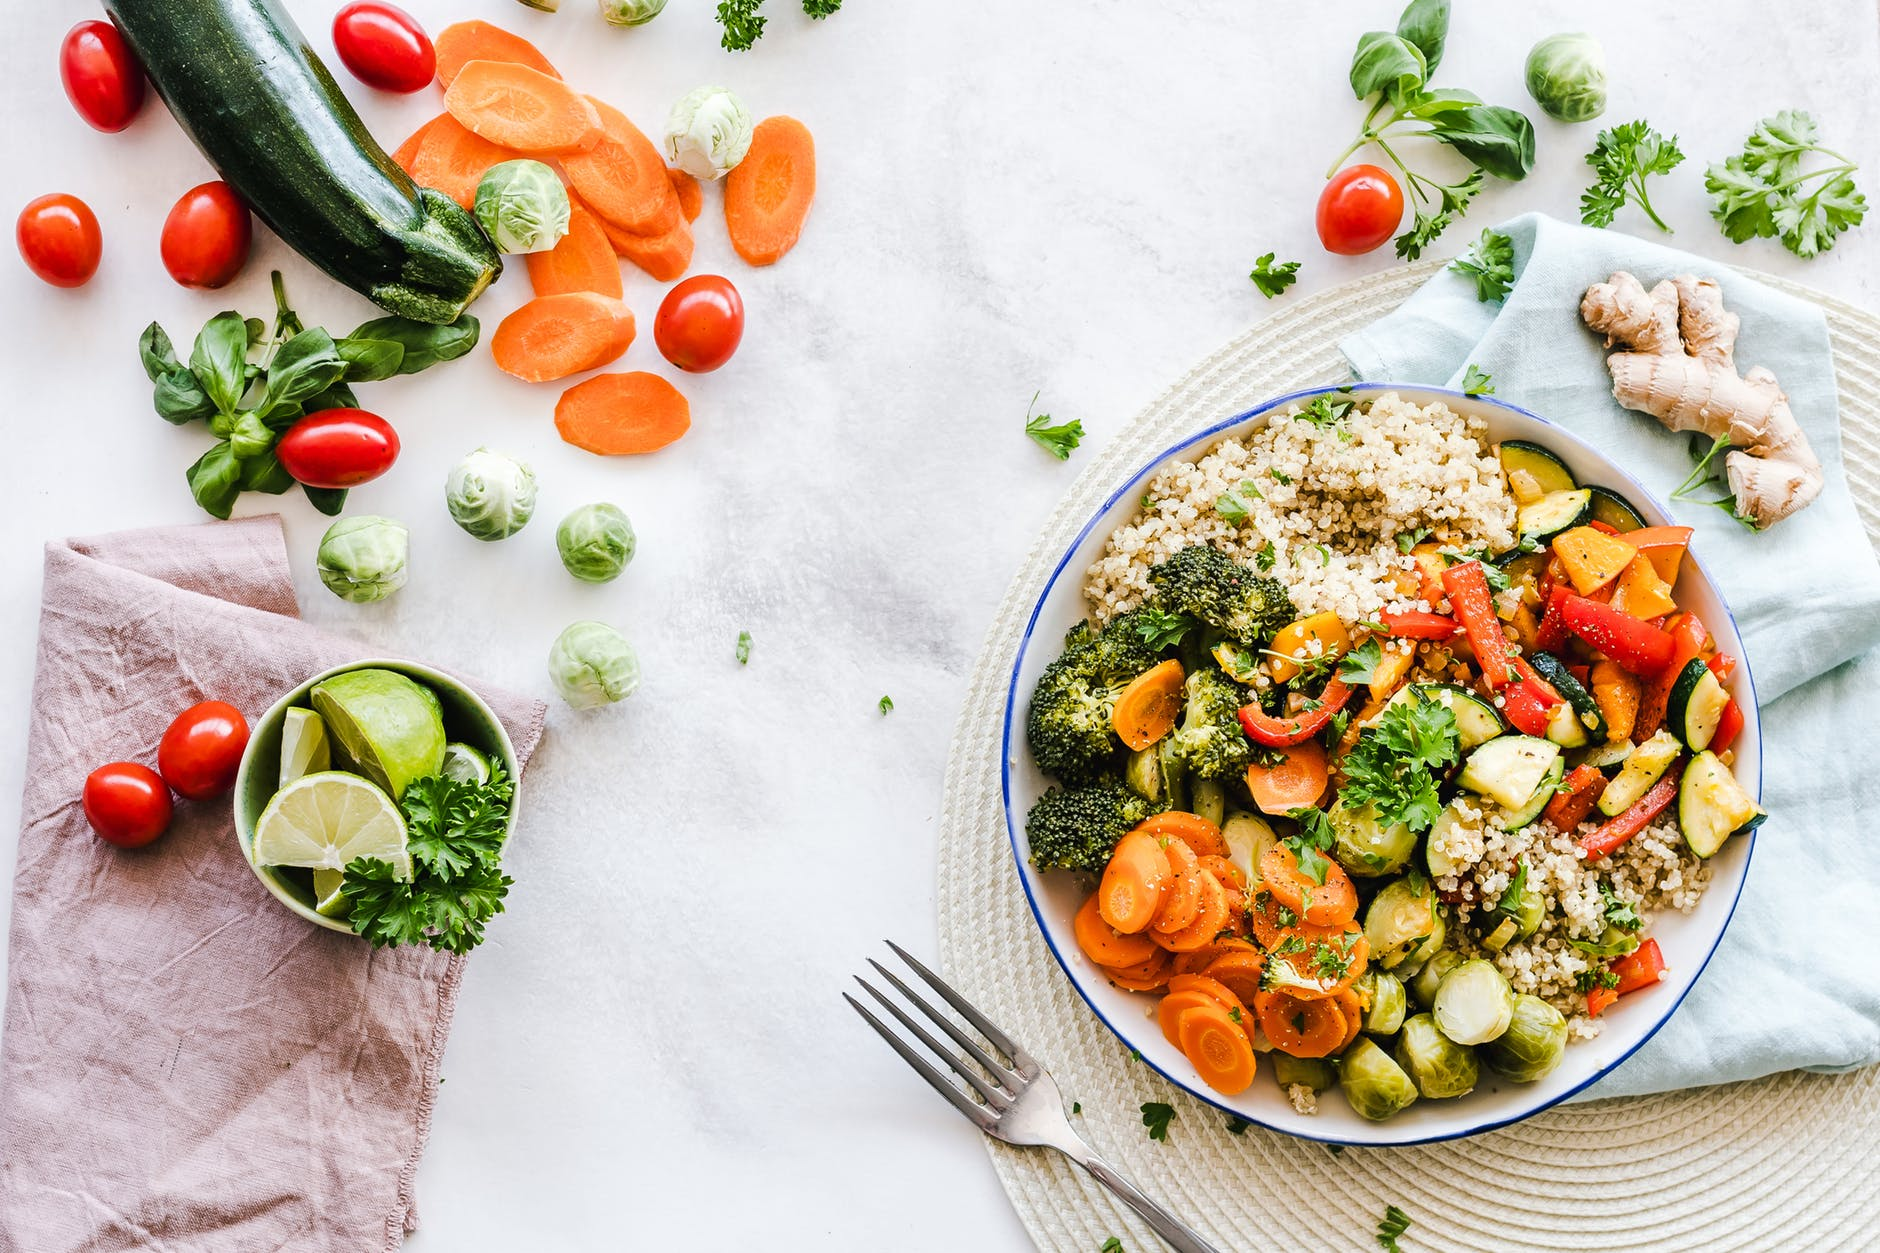 均衡豐富的飲食可以幫助減重